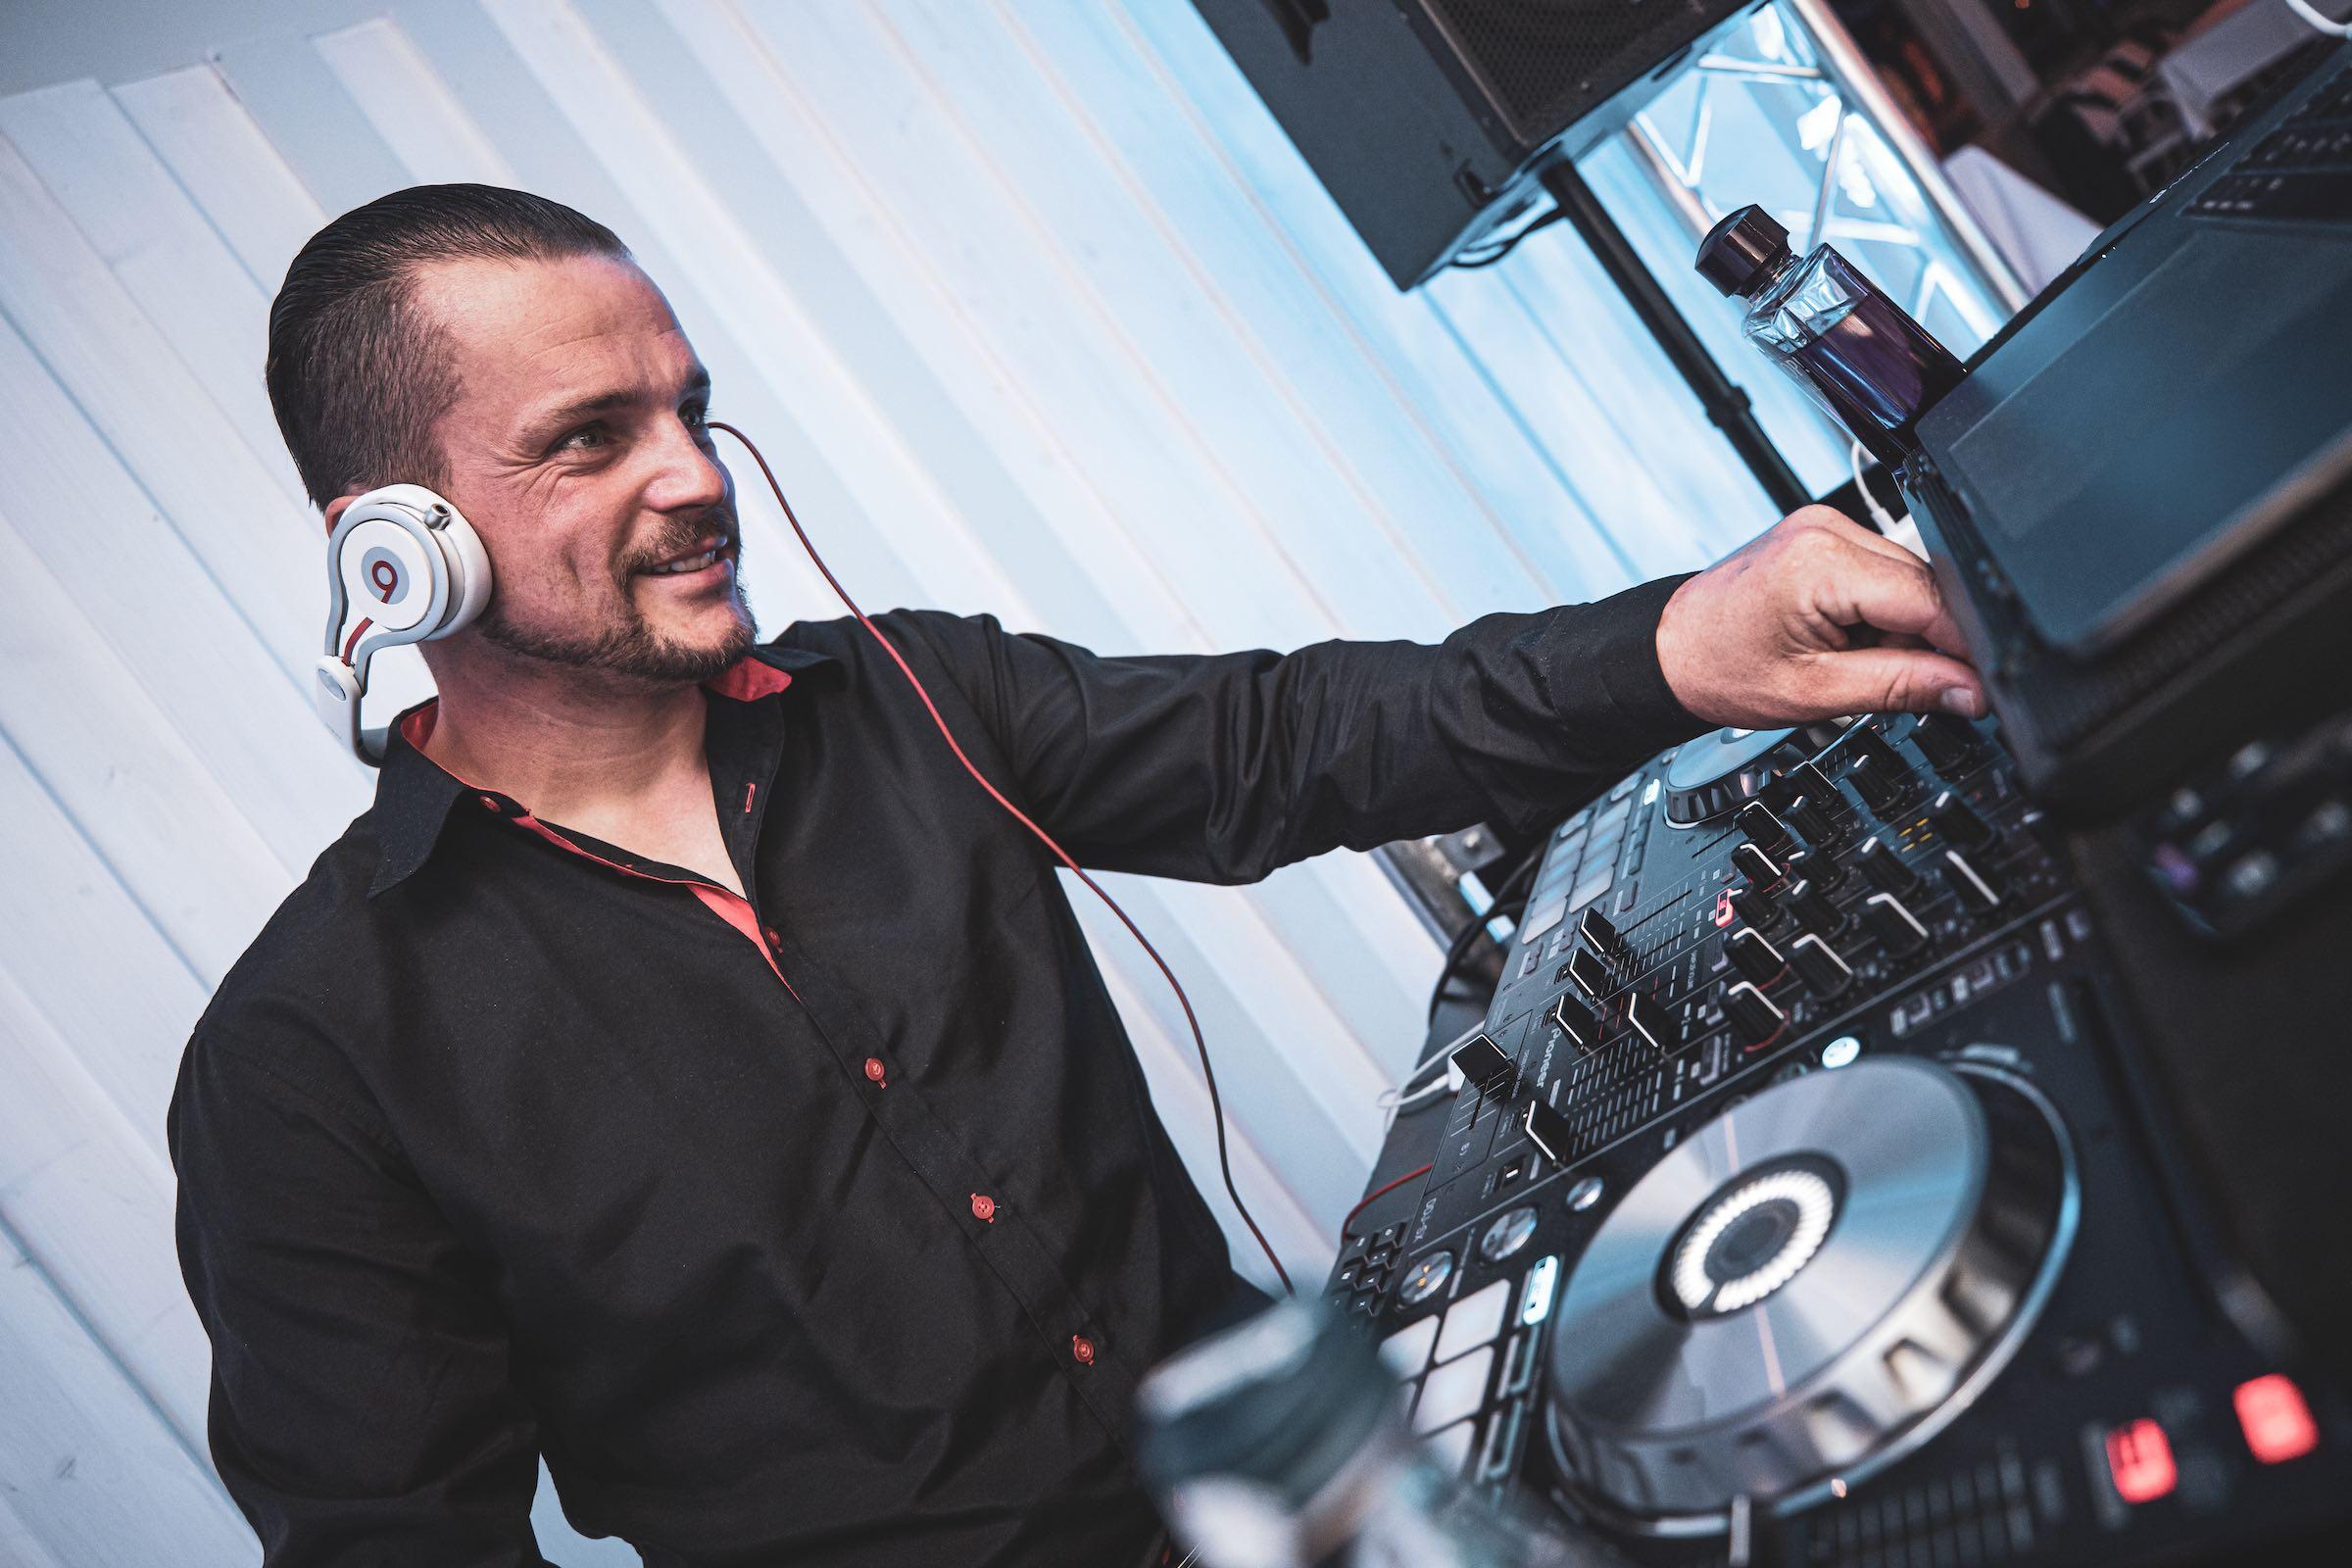 Hochzeits | DJ | Buchen | Hannover | Discjockey | Marco | Kern | Messe | DJ | Event | DJ | Geburtstag | DJ | Mieten | Anfragen | DJ | Agentur | Lehmann | Eventservice